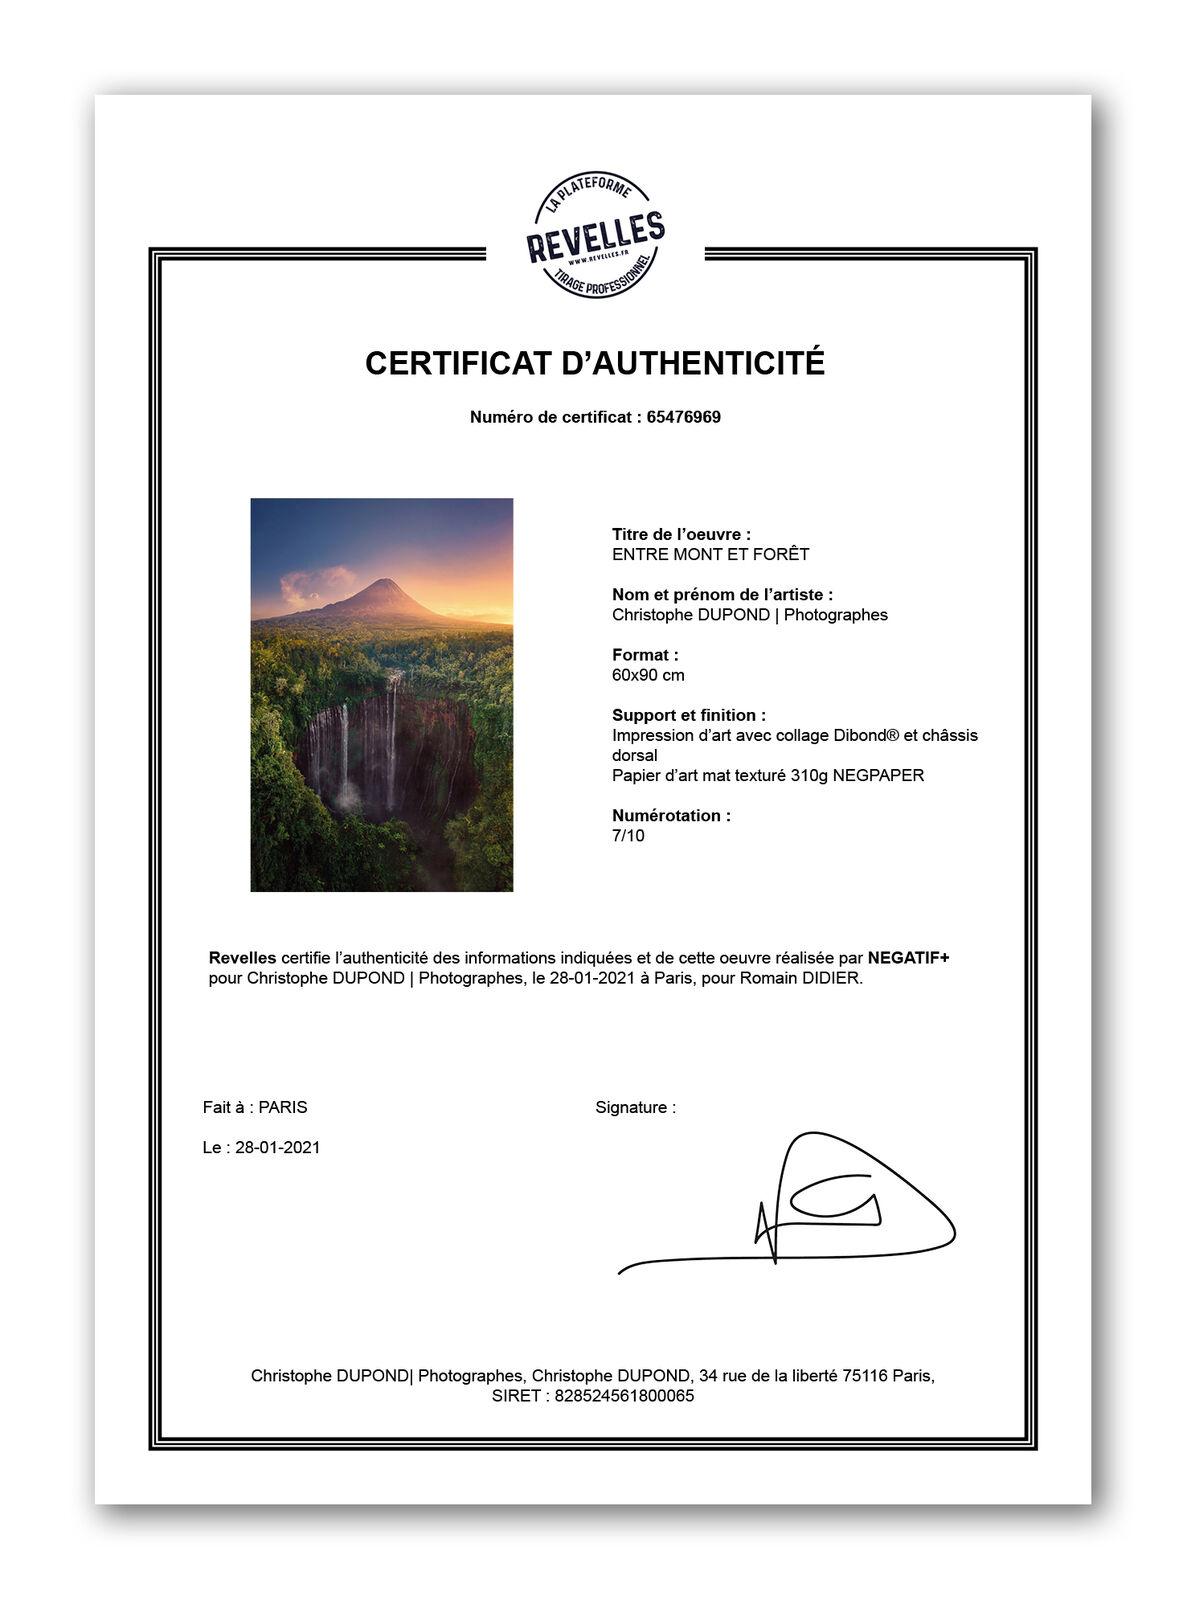 Exemple de certificat d'authenticité Revelles